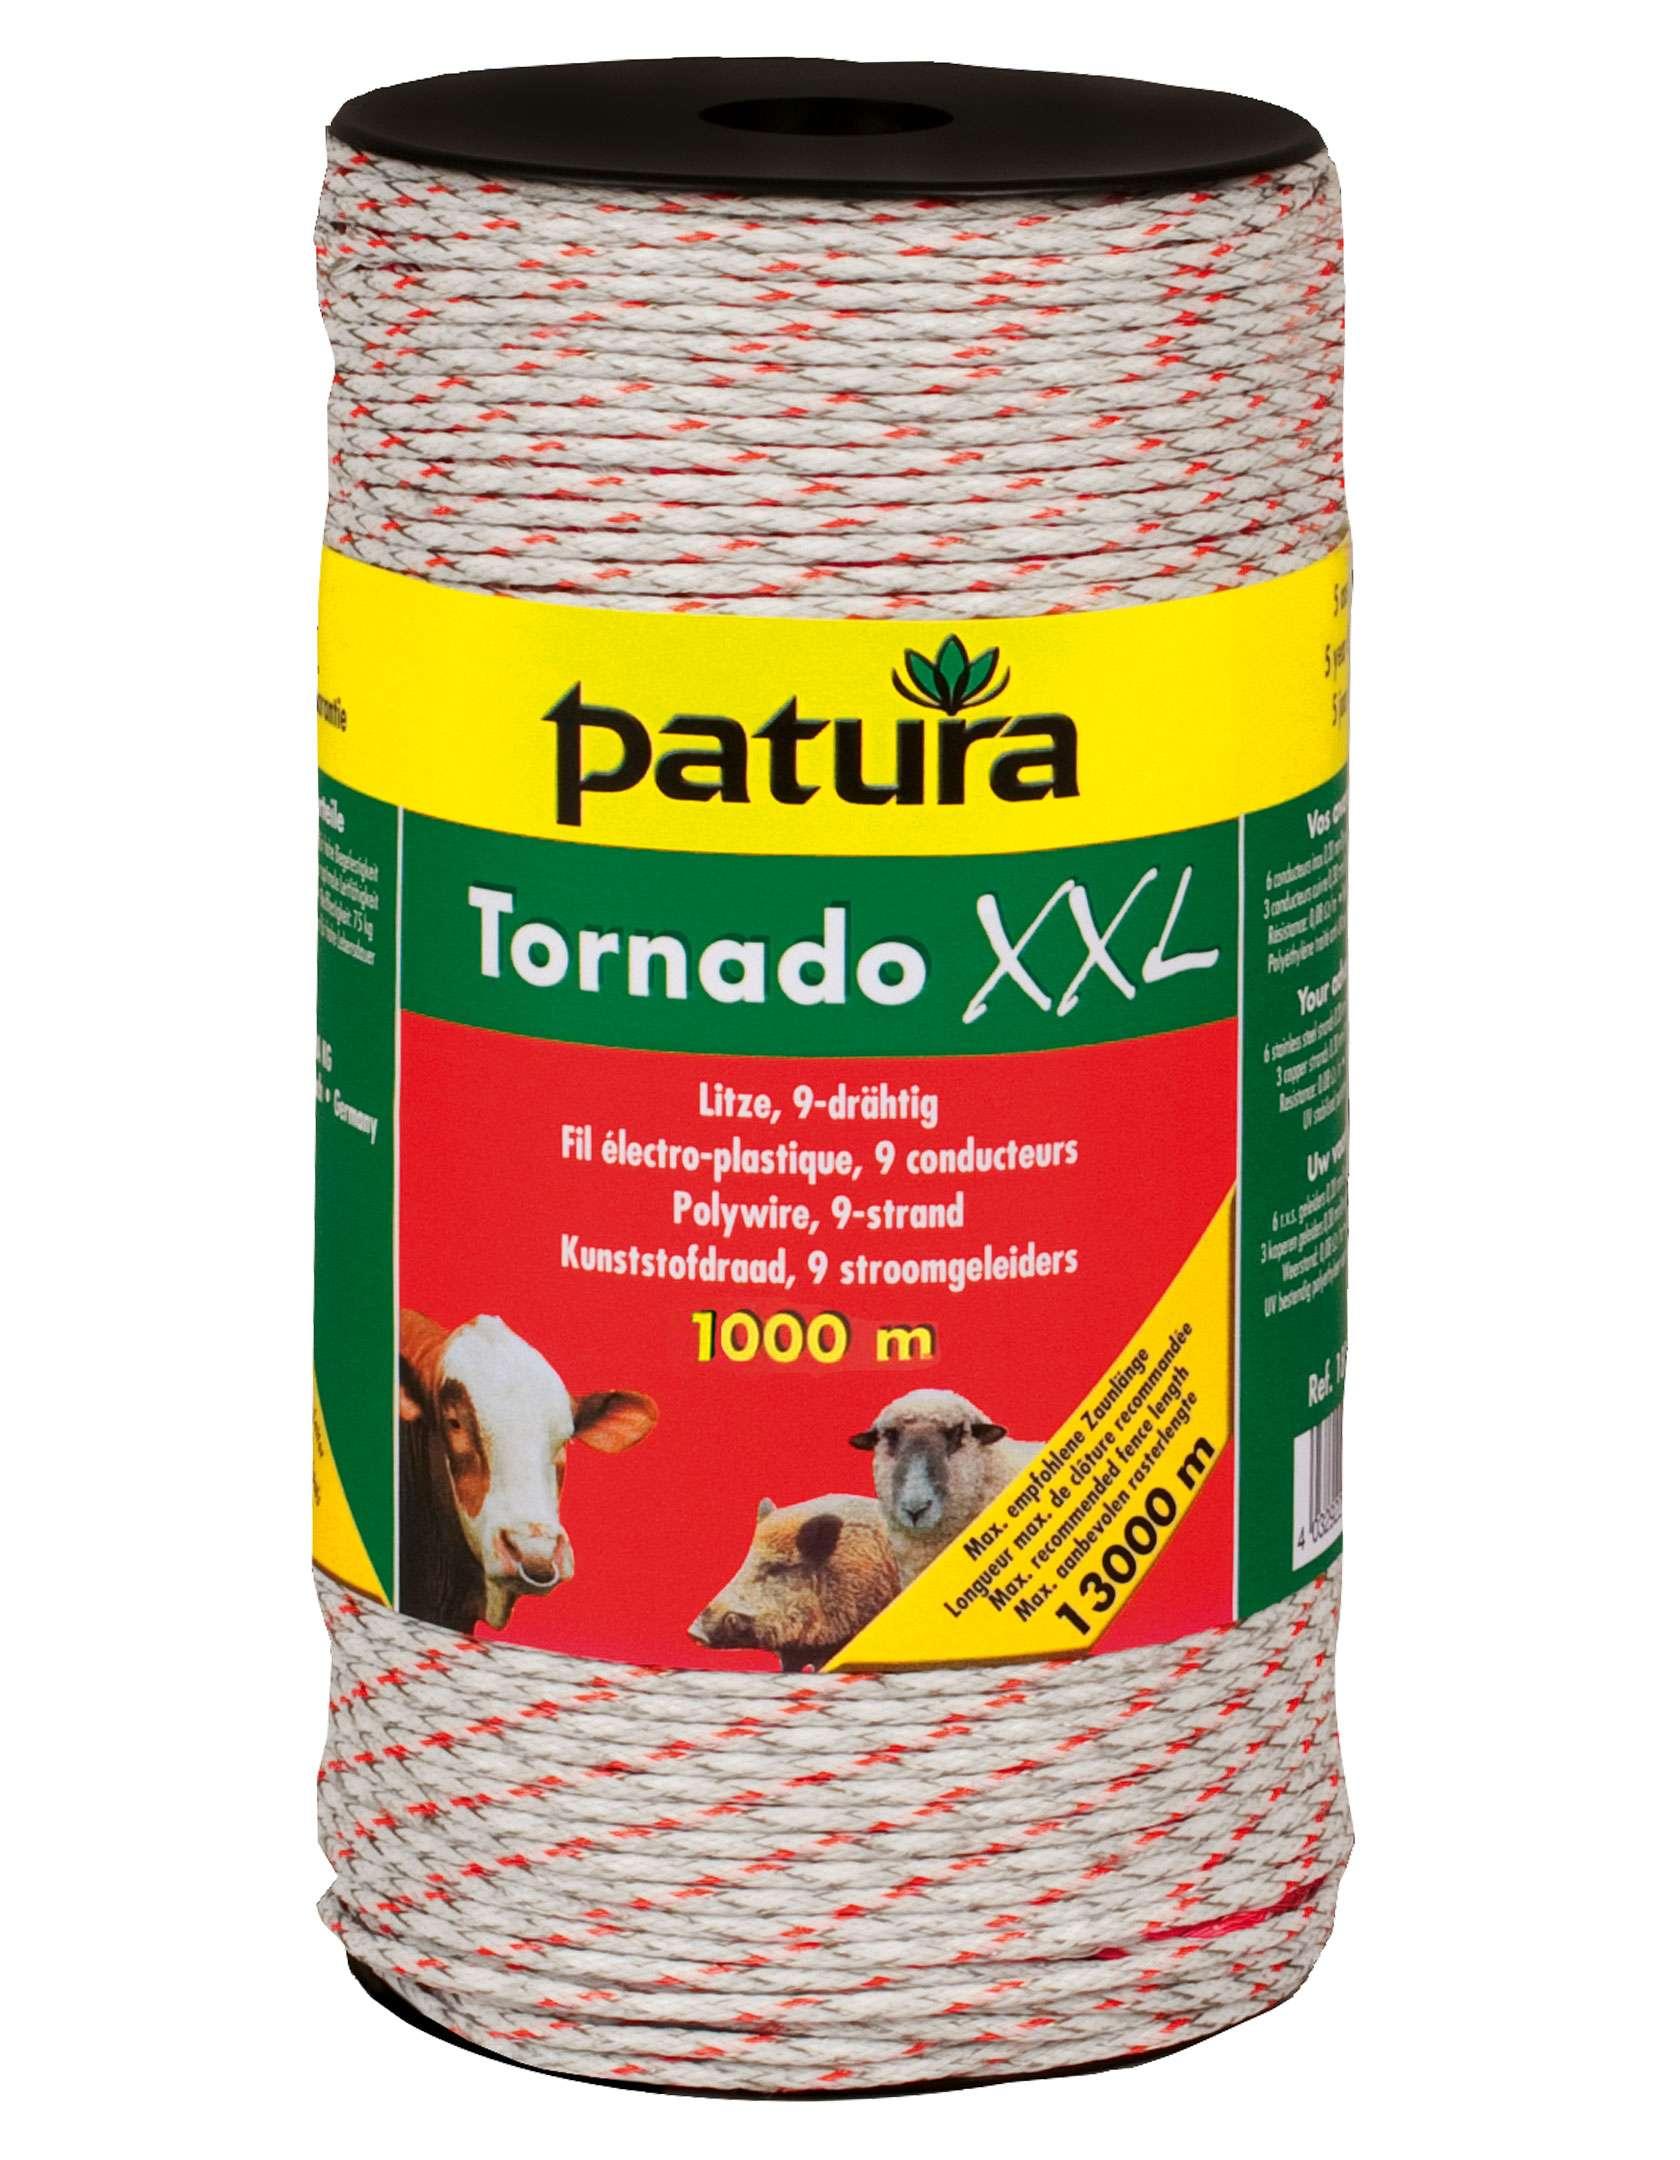 PATURA Tornado XXL Litze - 1000 m